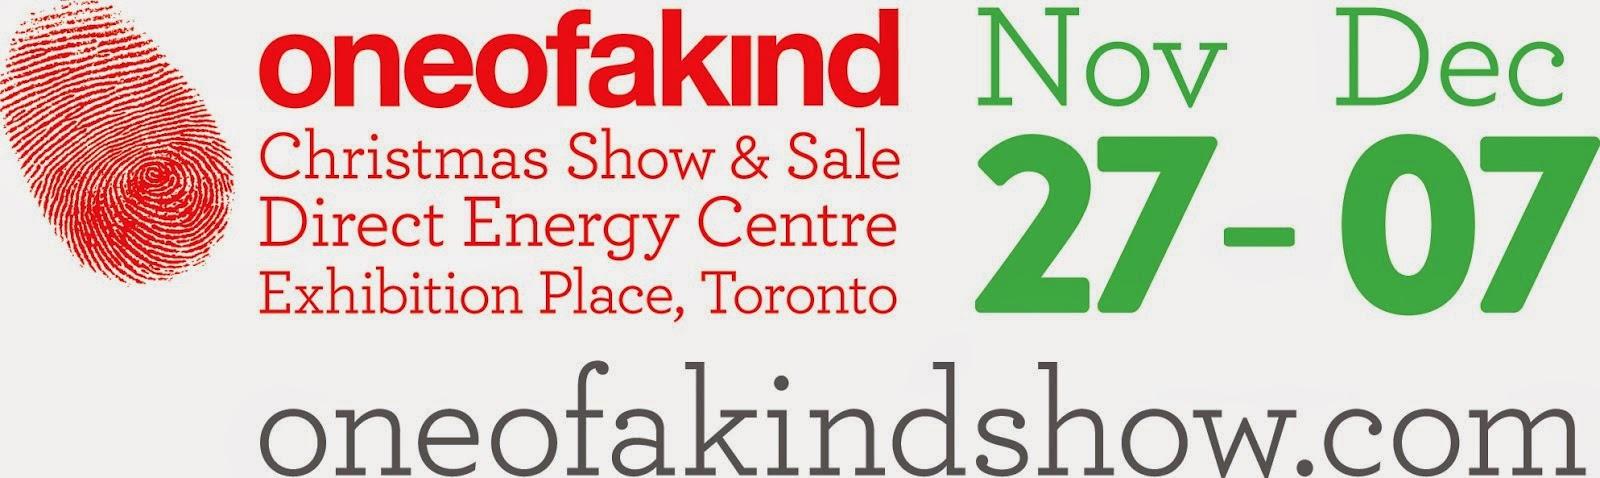 oneofakind (Toronto)